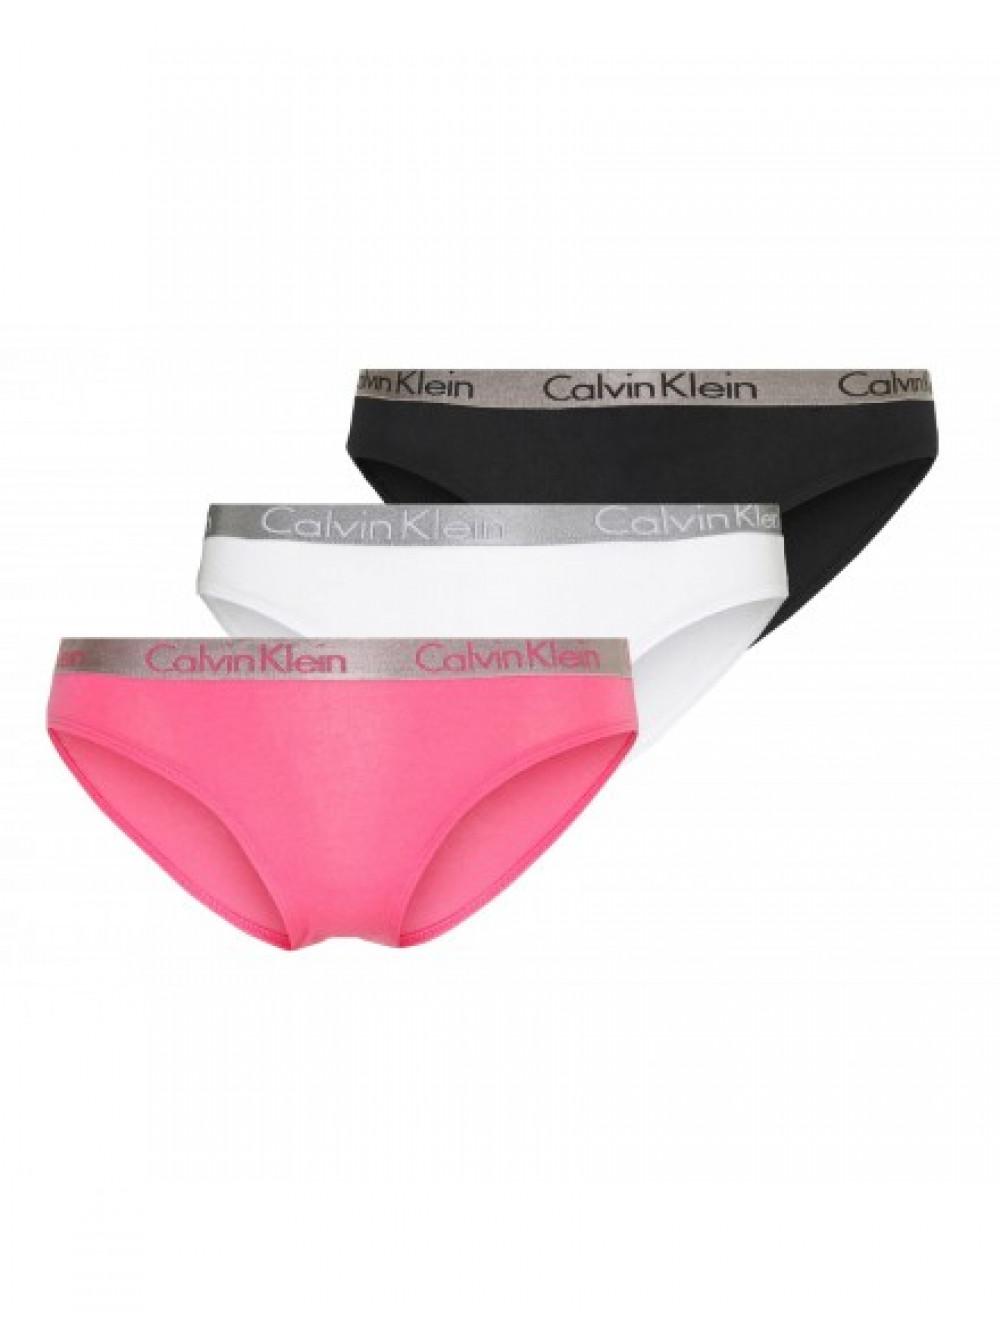 Dámske nohavičky Calvin Klein Radiant Cotton čierne, biele, ružové 3-pack